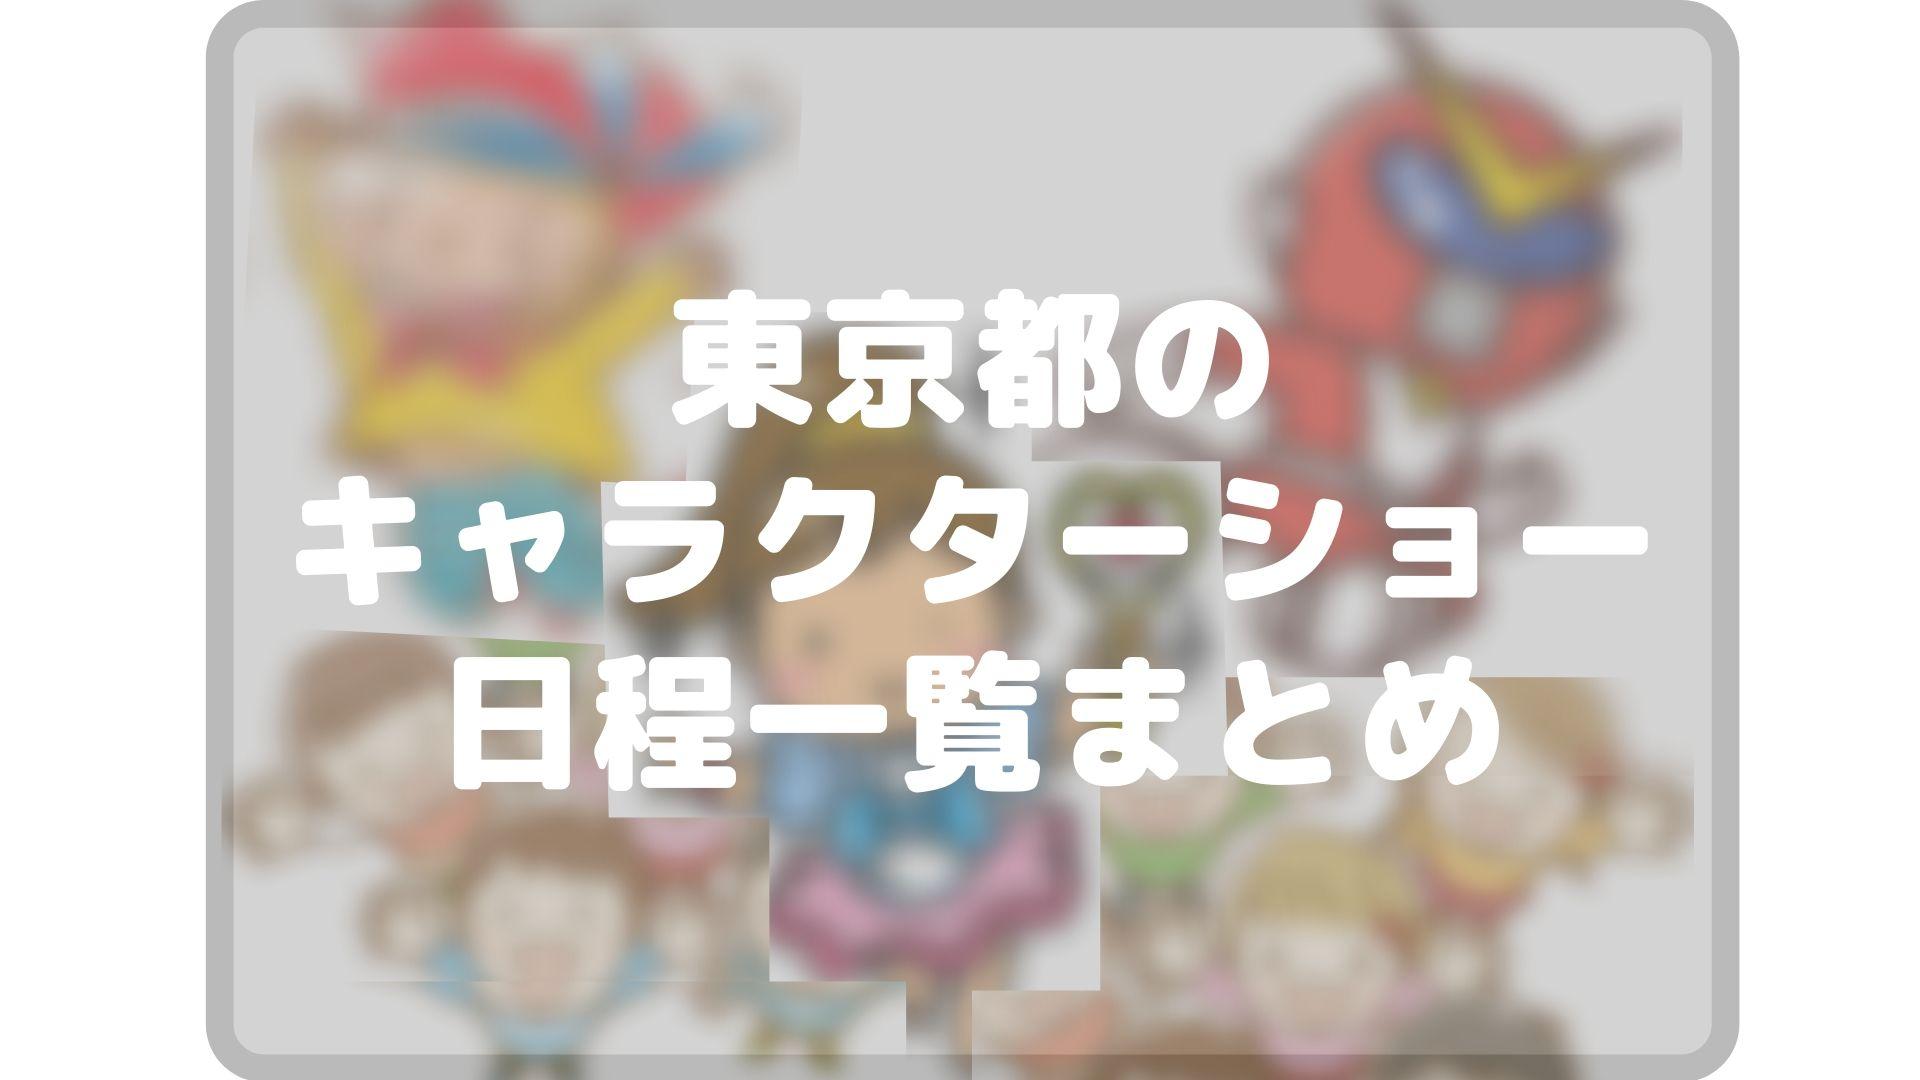 東京都のキャラクターショーまとめタイトル画像